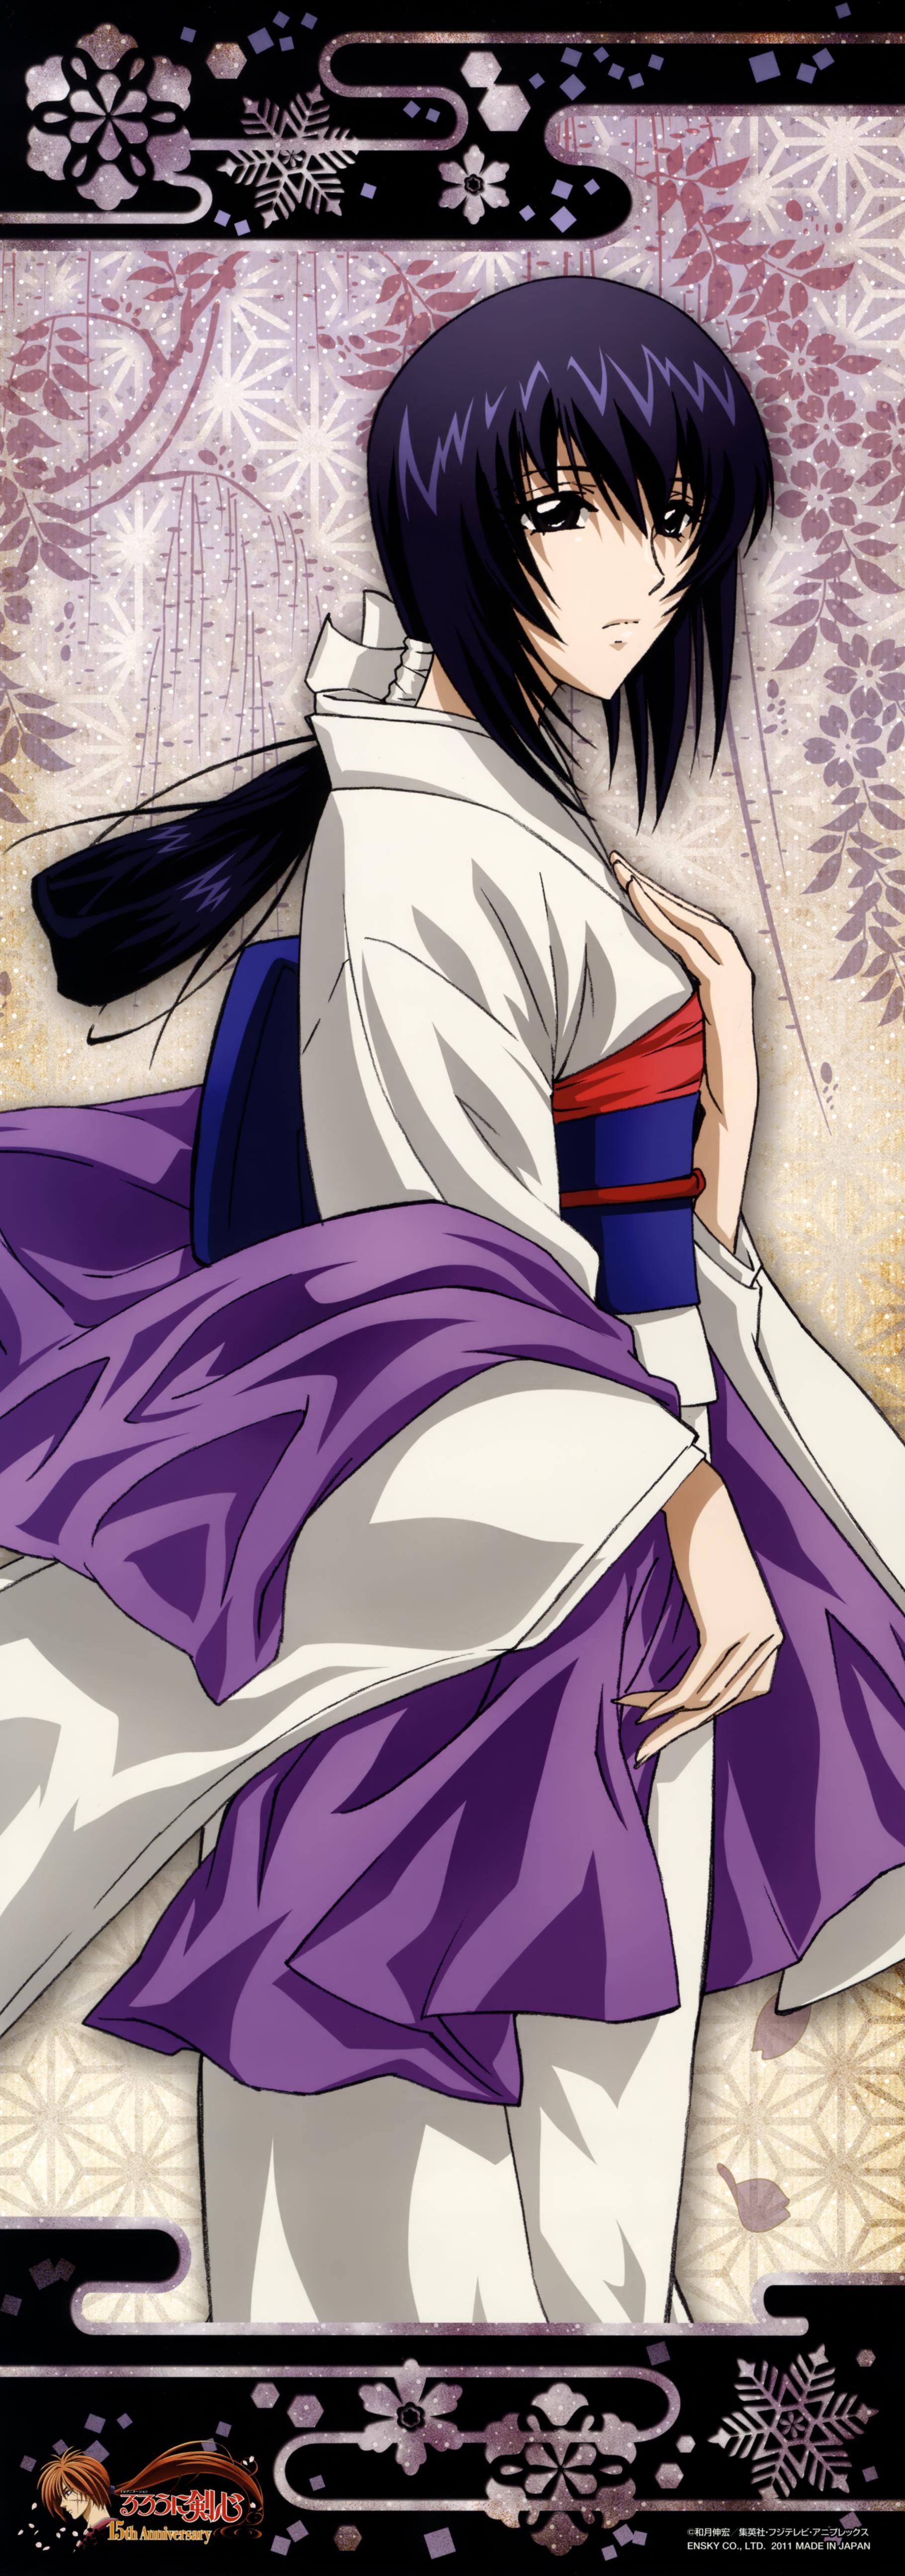 Yukishiro Tomoe | Rurouni Kenshin Wiki | FANDOM powered by Wikia